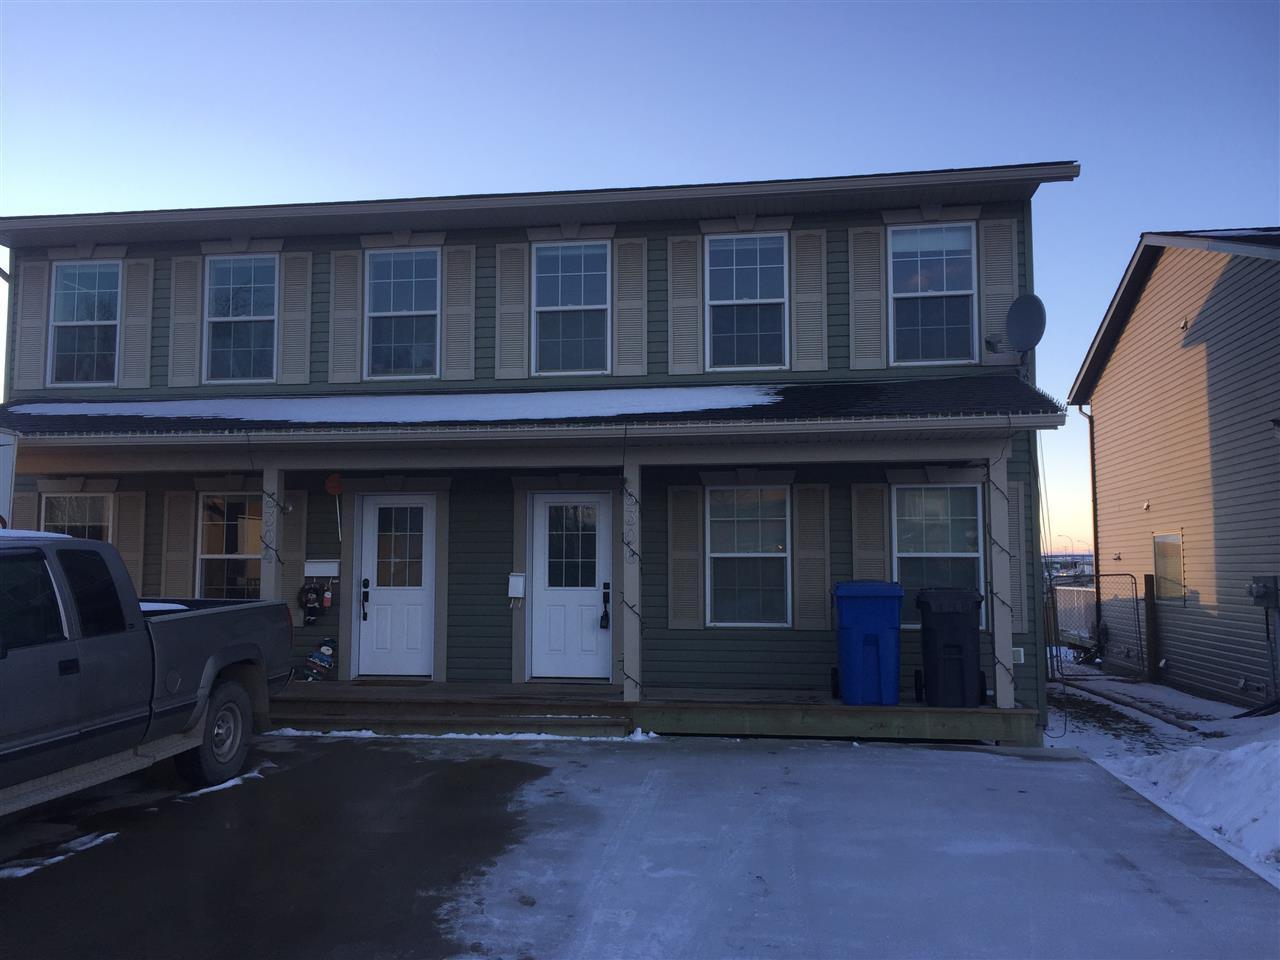 Main Photo: 8306 87 Street in Fort St. John: Fort St. John - City SE House 1/2 Duplex for sale (Fort St. John (Zone 60))  : MLS®# R2442549